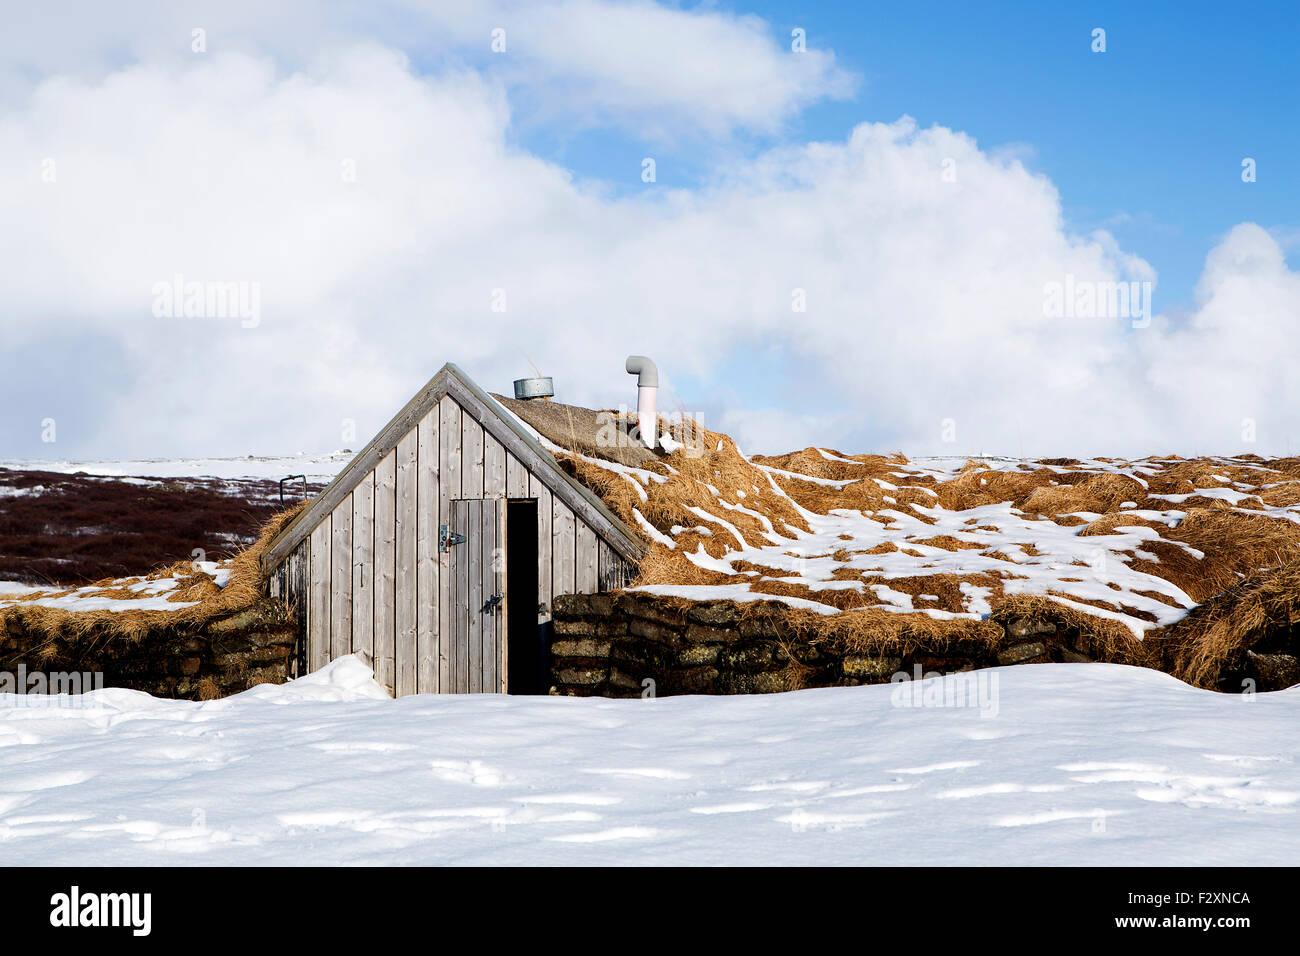 Petite cabane pour elfes en Islande enneigée Photo Stock